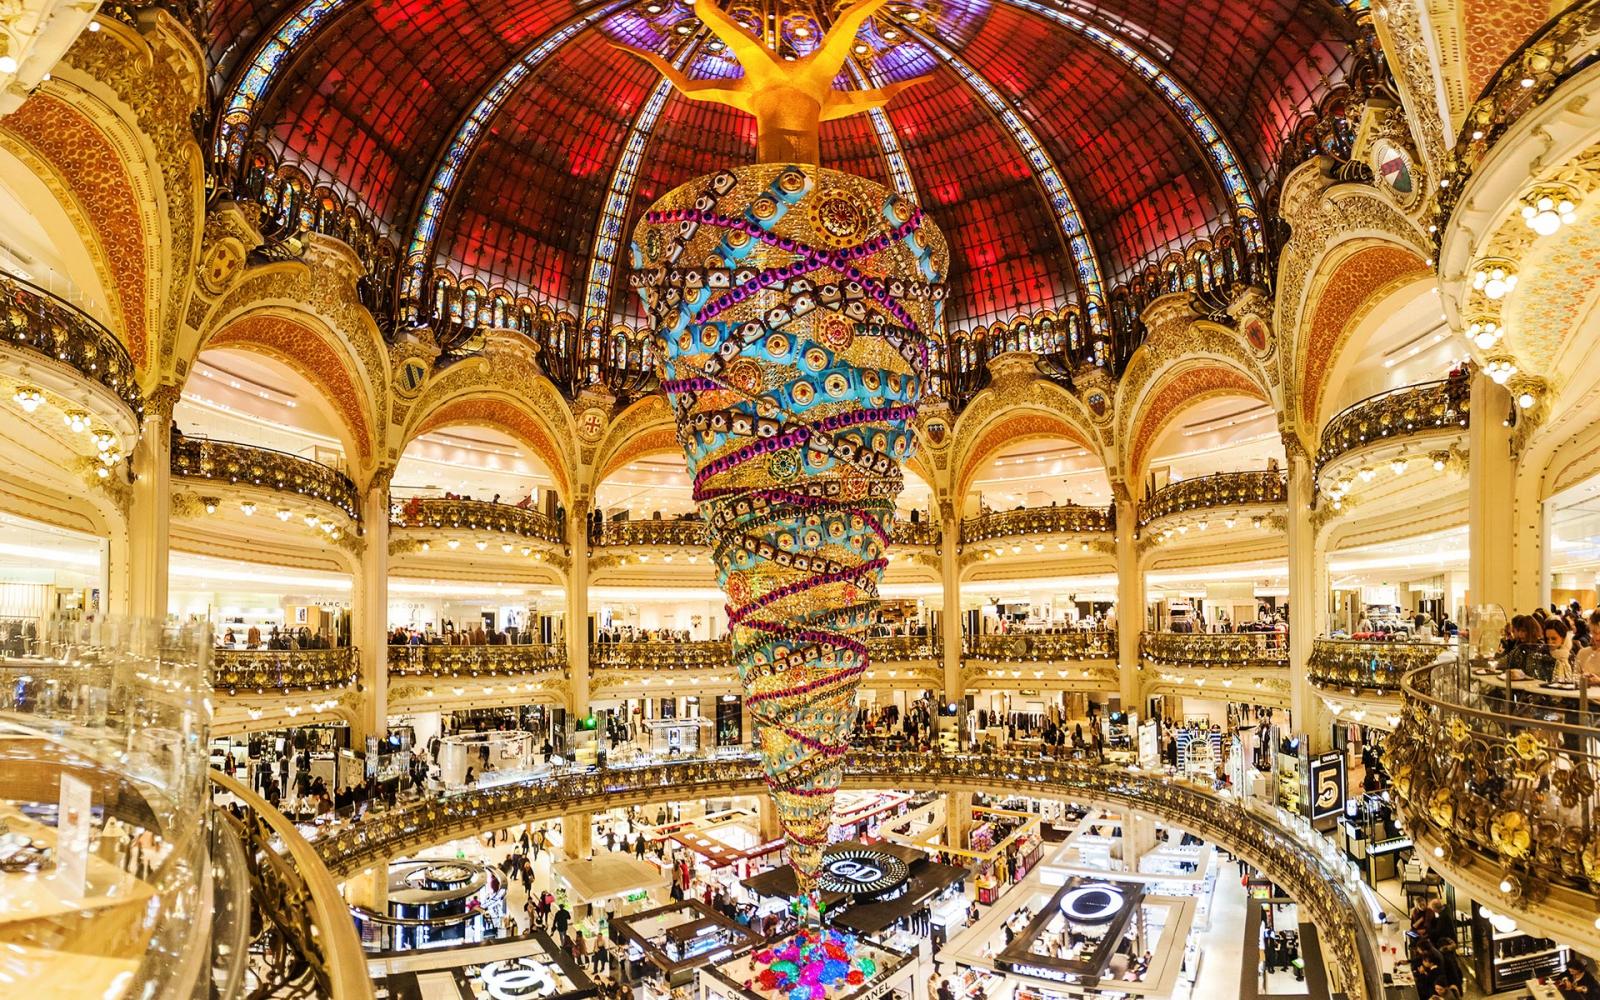 Du lịch Pháp - Du khách thỏa sức mua sắm tại trung tâm thương mại Lafayette